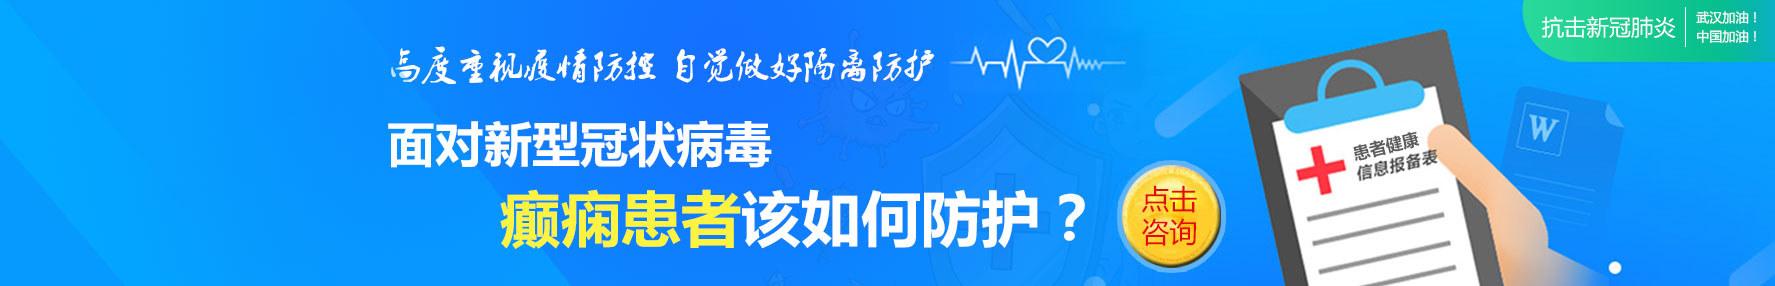 武汉中际癫痫病在线视频偷国产精品